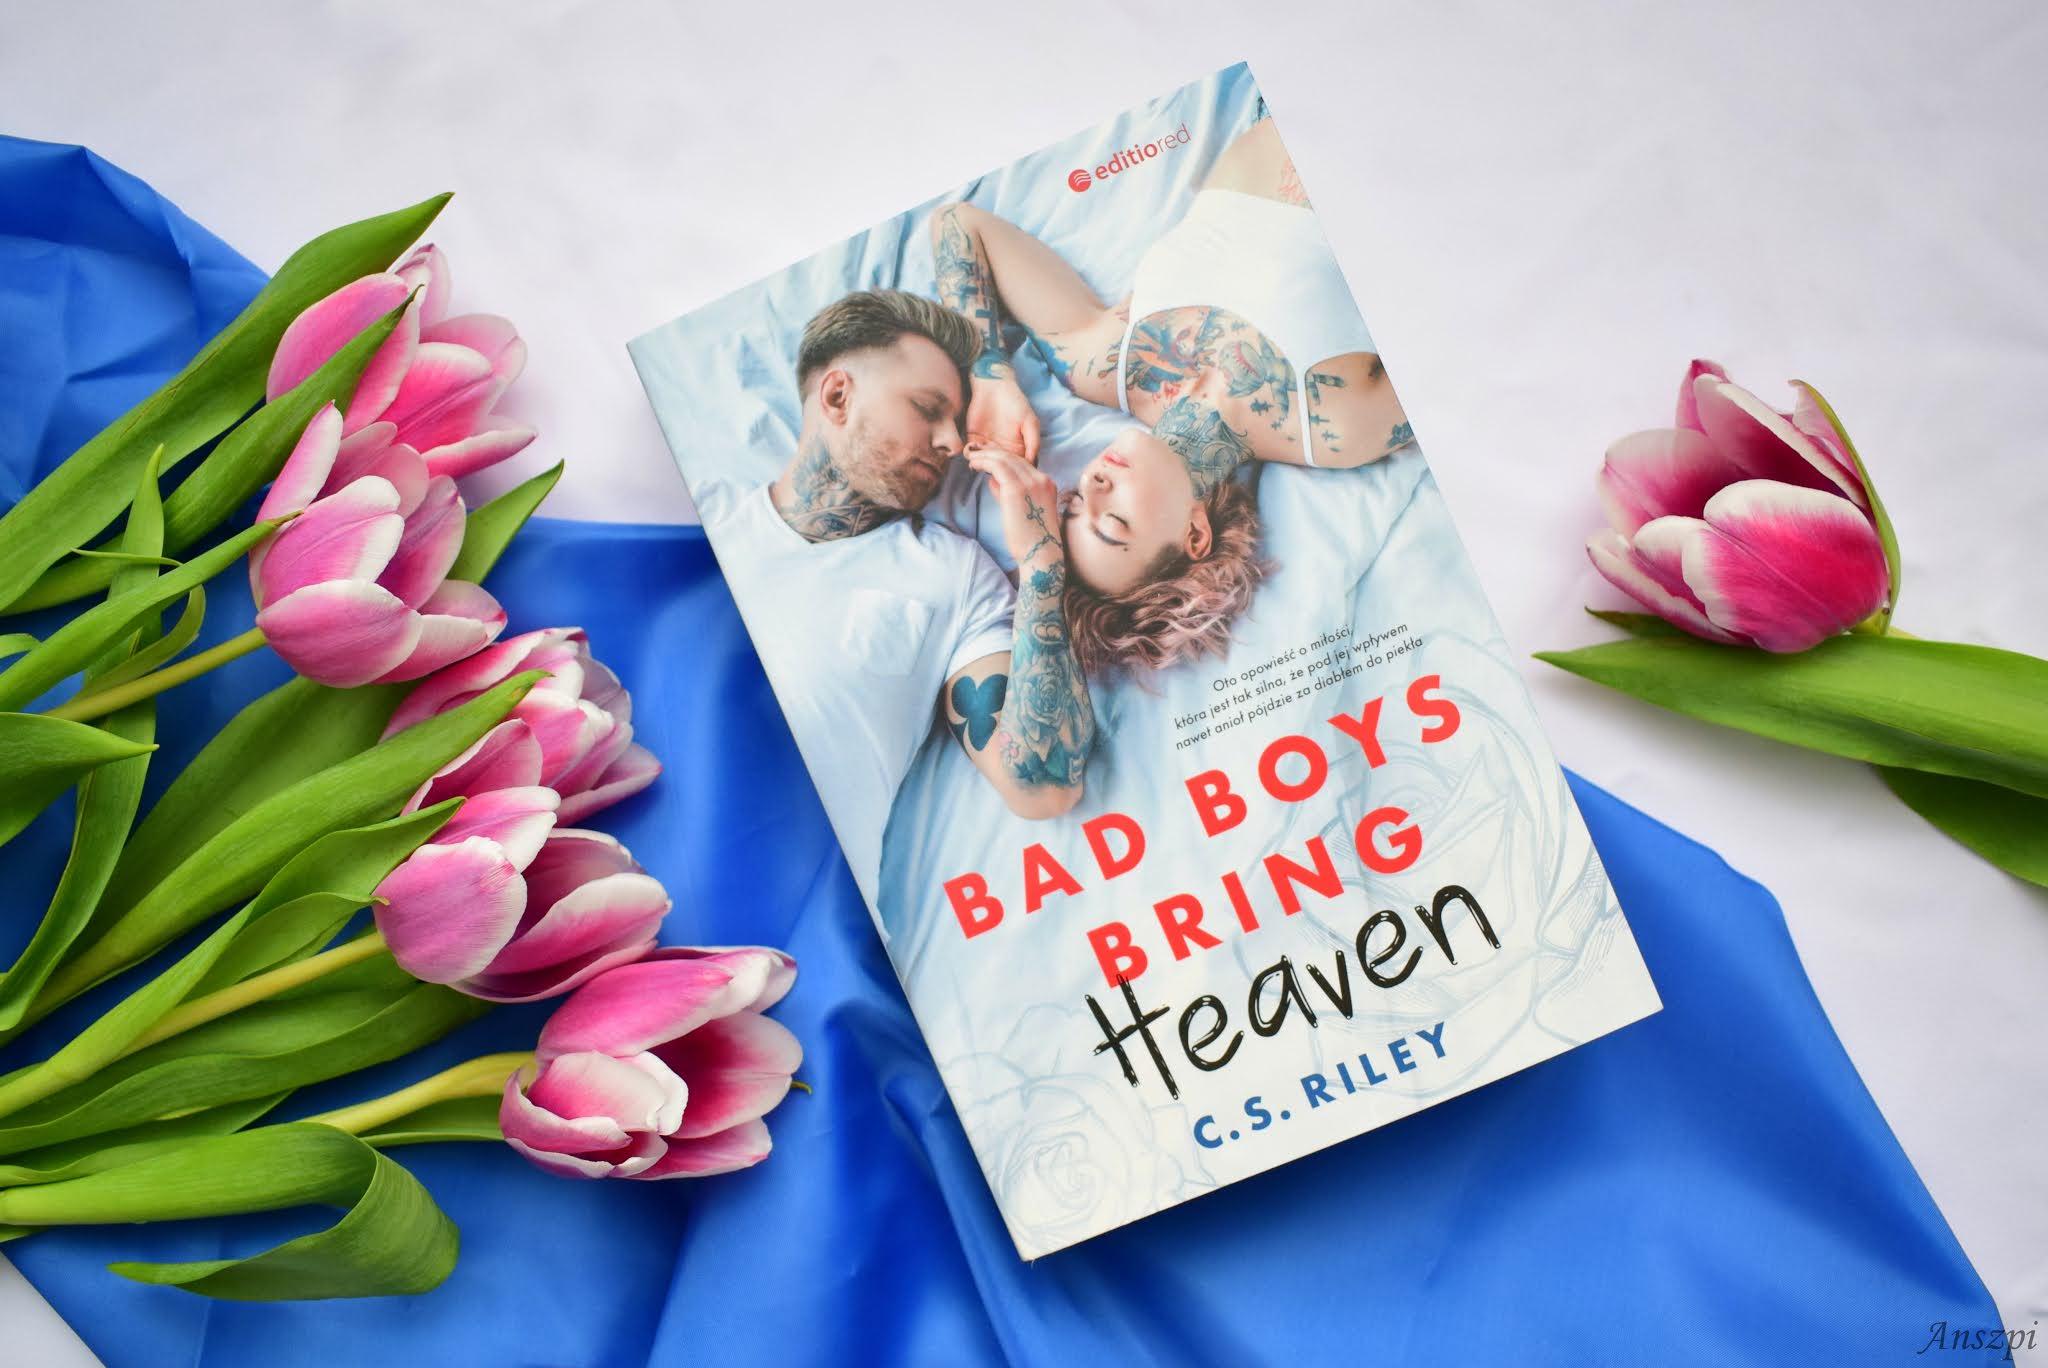 Bad Boys Bring Heaven C. S. Riley recenzja książki